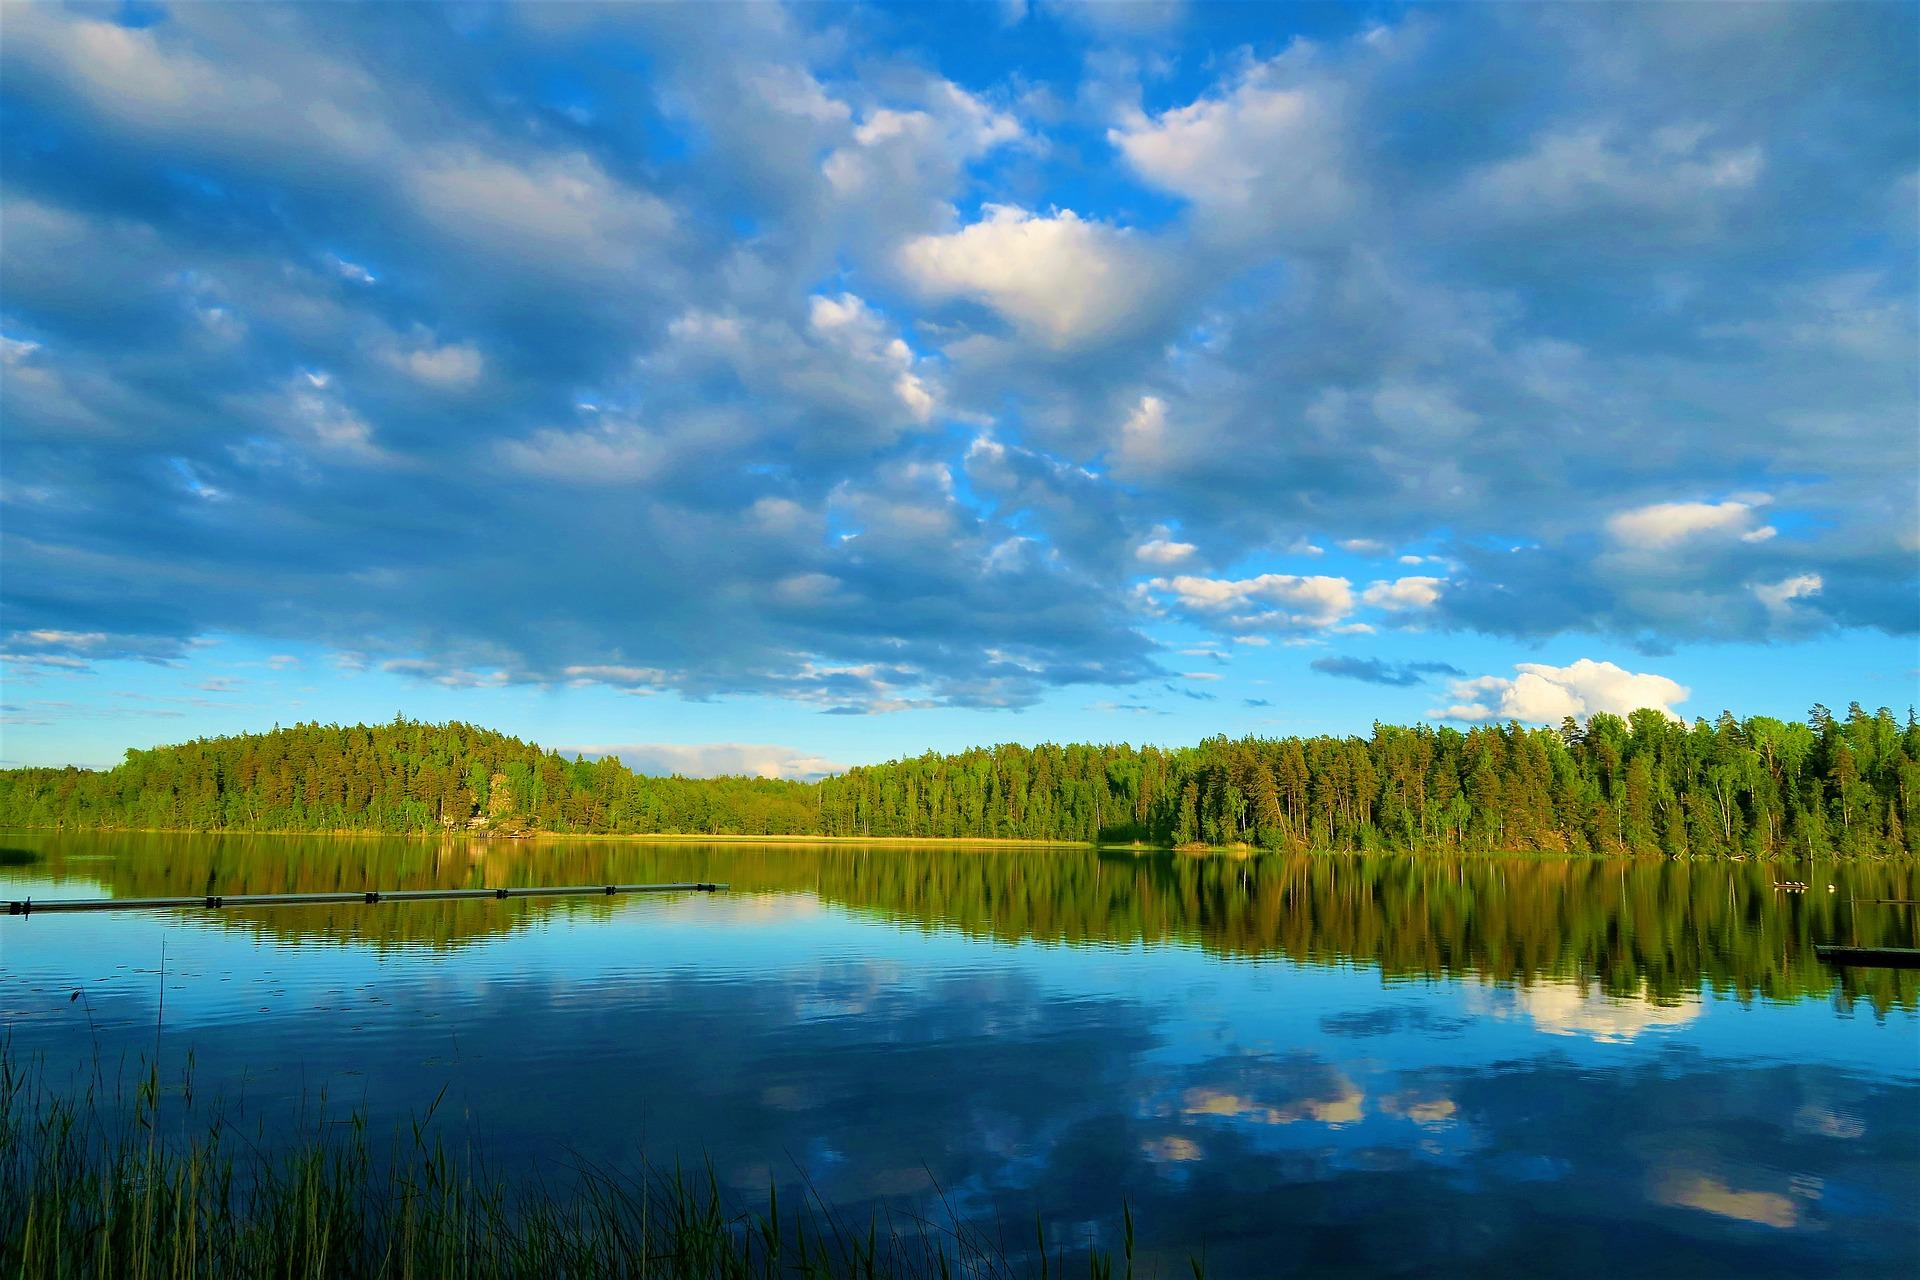 Zdjęcie przedstawia błękitne jezioro w którym odbija się zielony las.